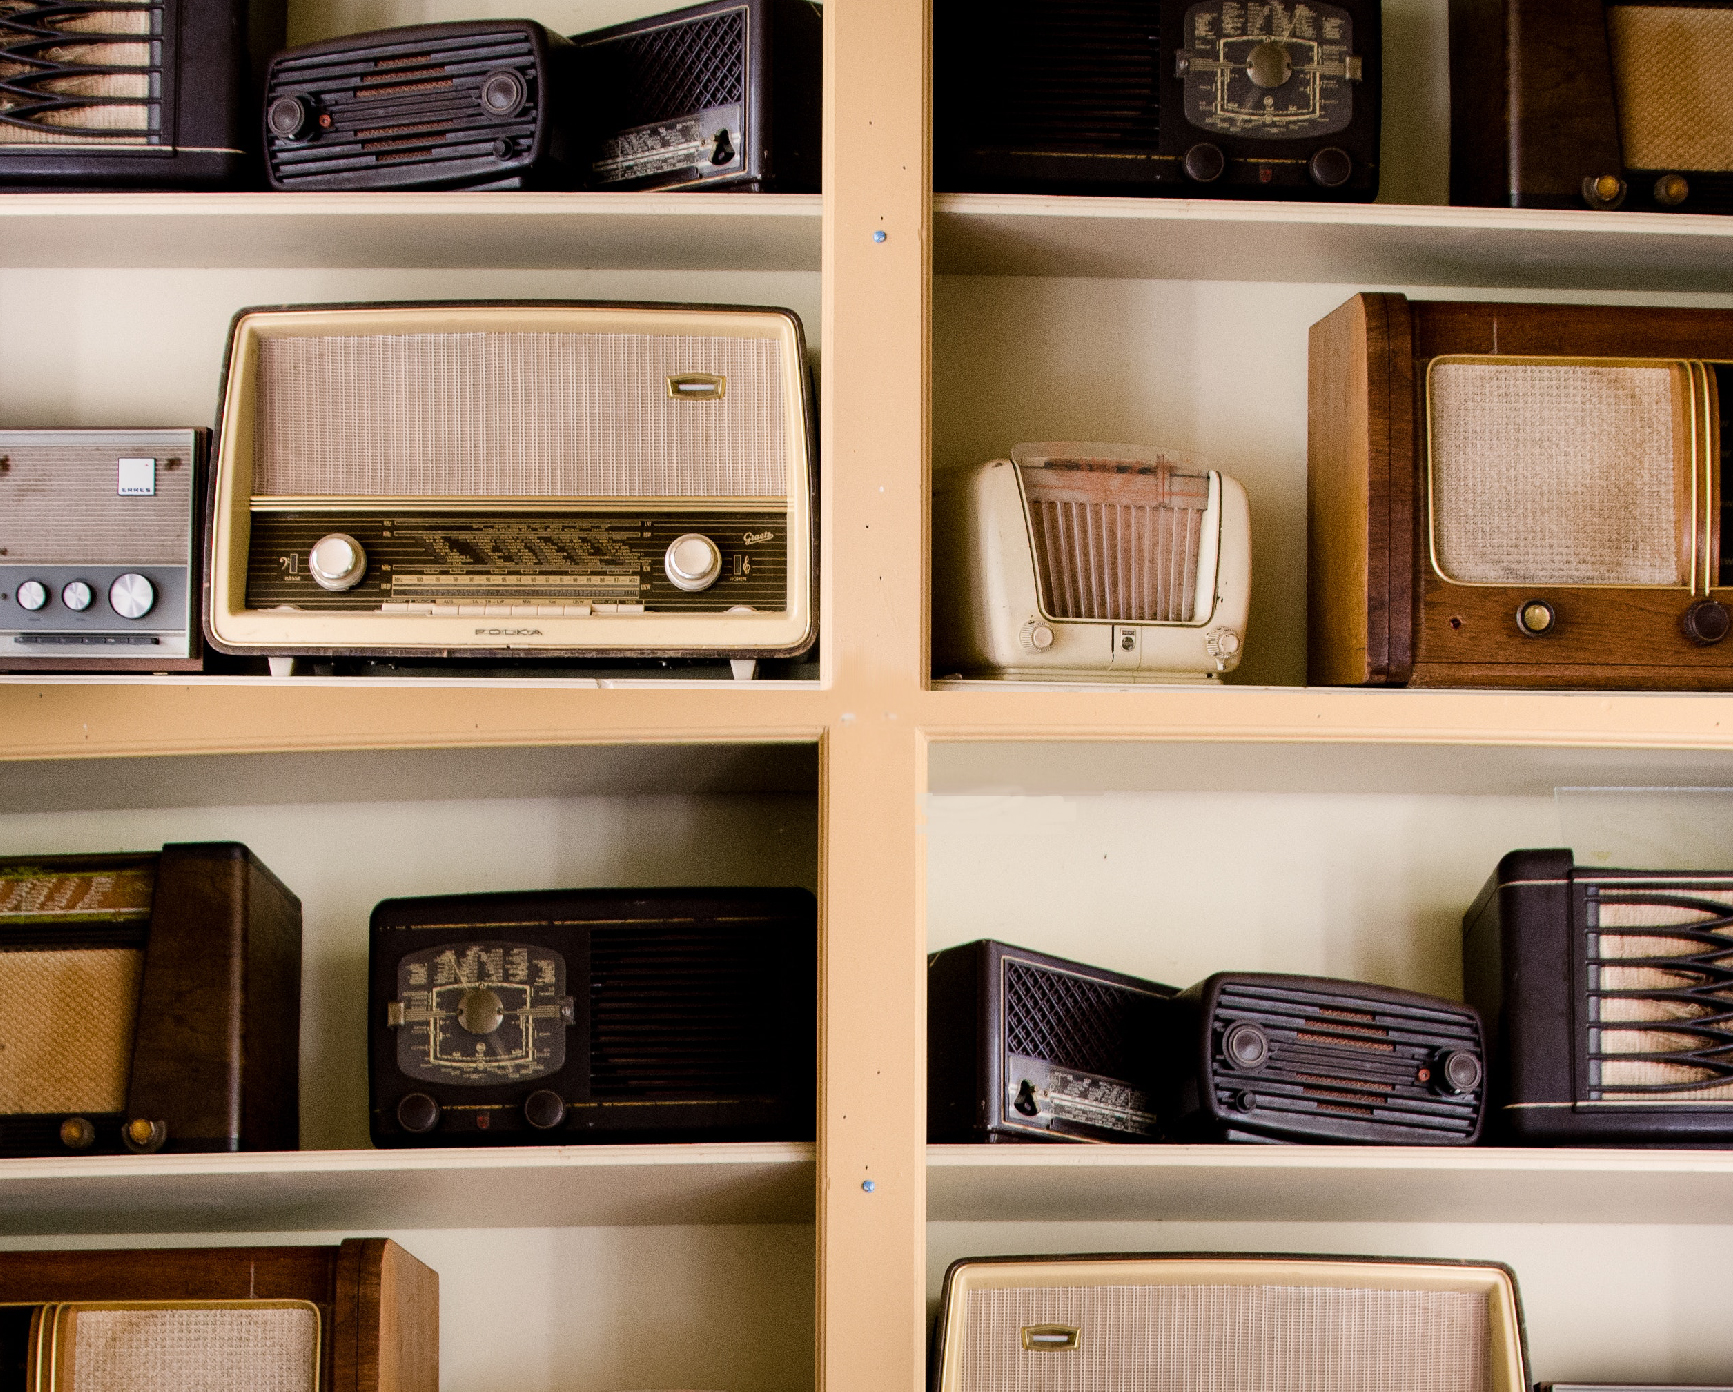 a era de ouro: rádio borogodó #3